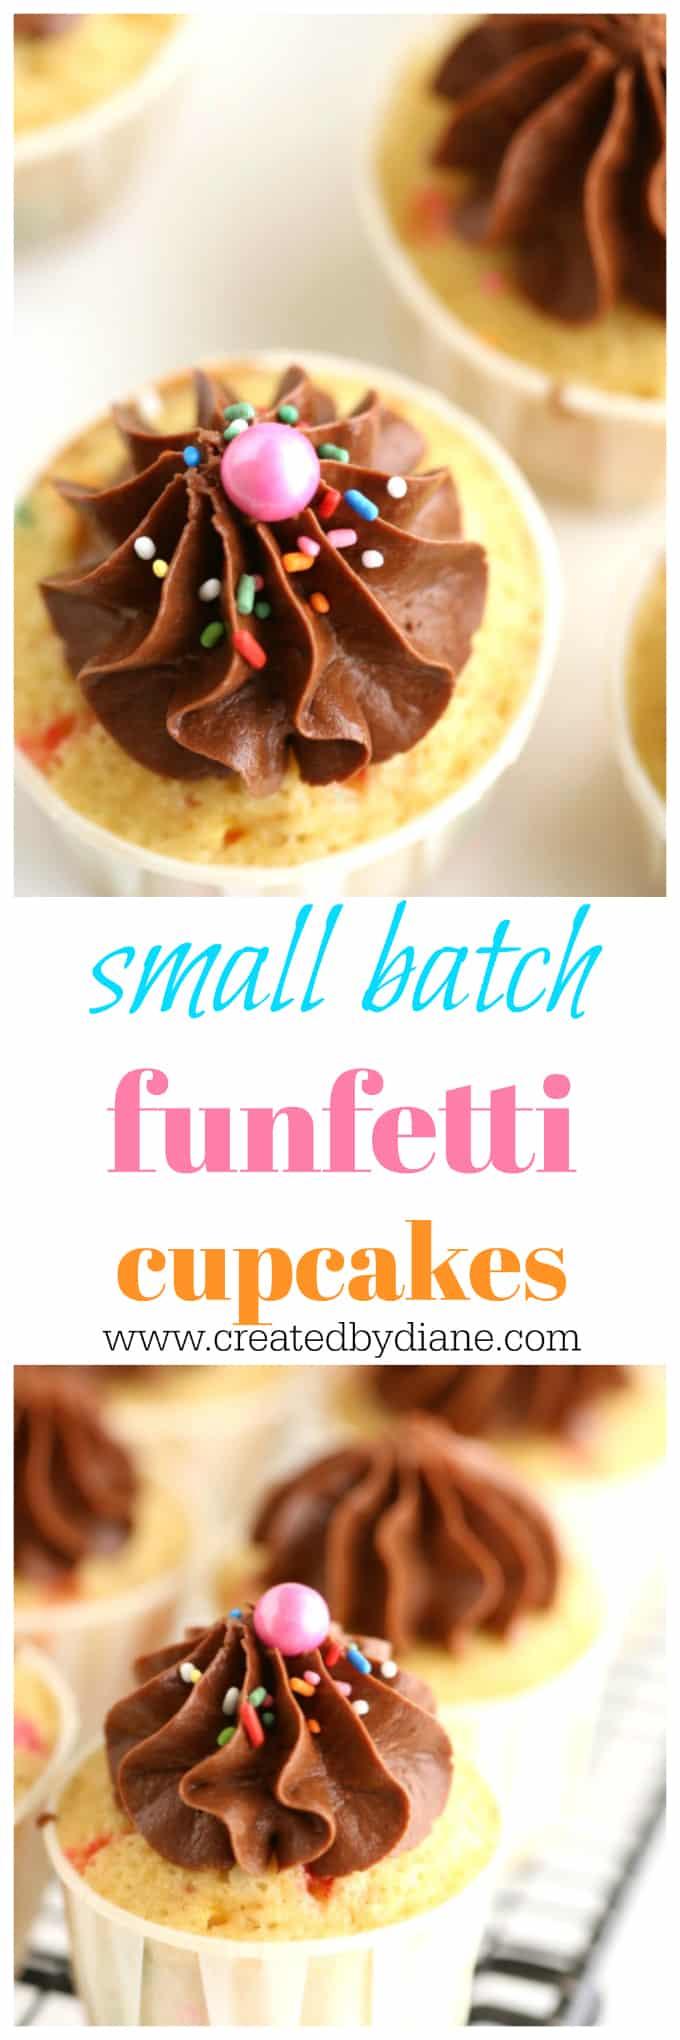 small batch funfetti cupcakes www.createdbydiane.com